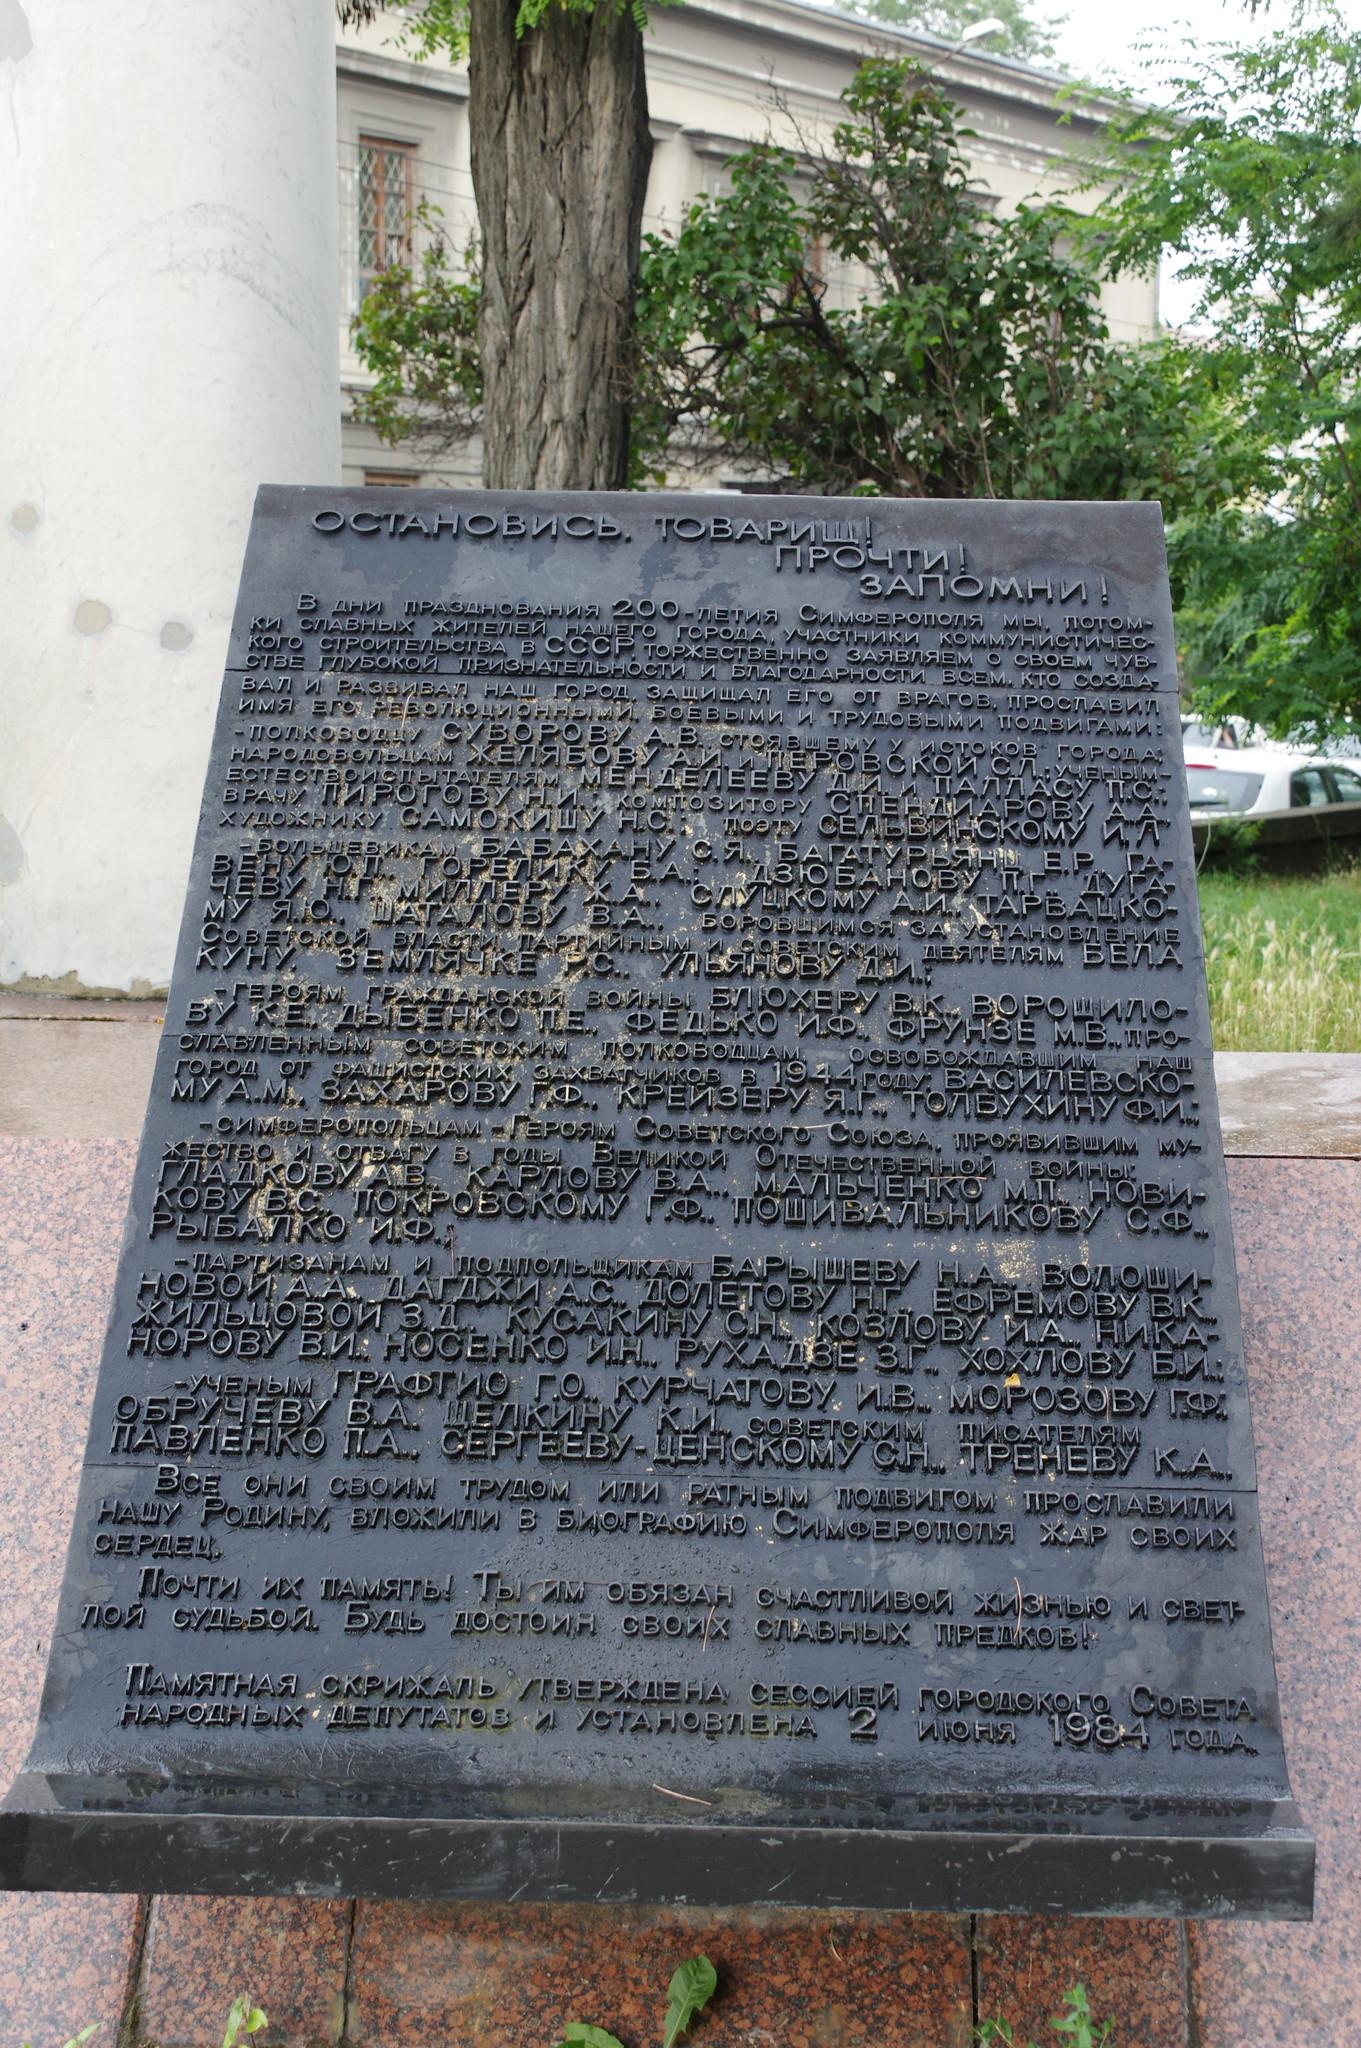 Памятная скрижаль у сквераимени 200-летия Симферополя